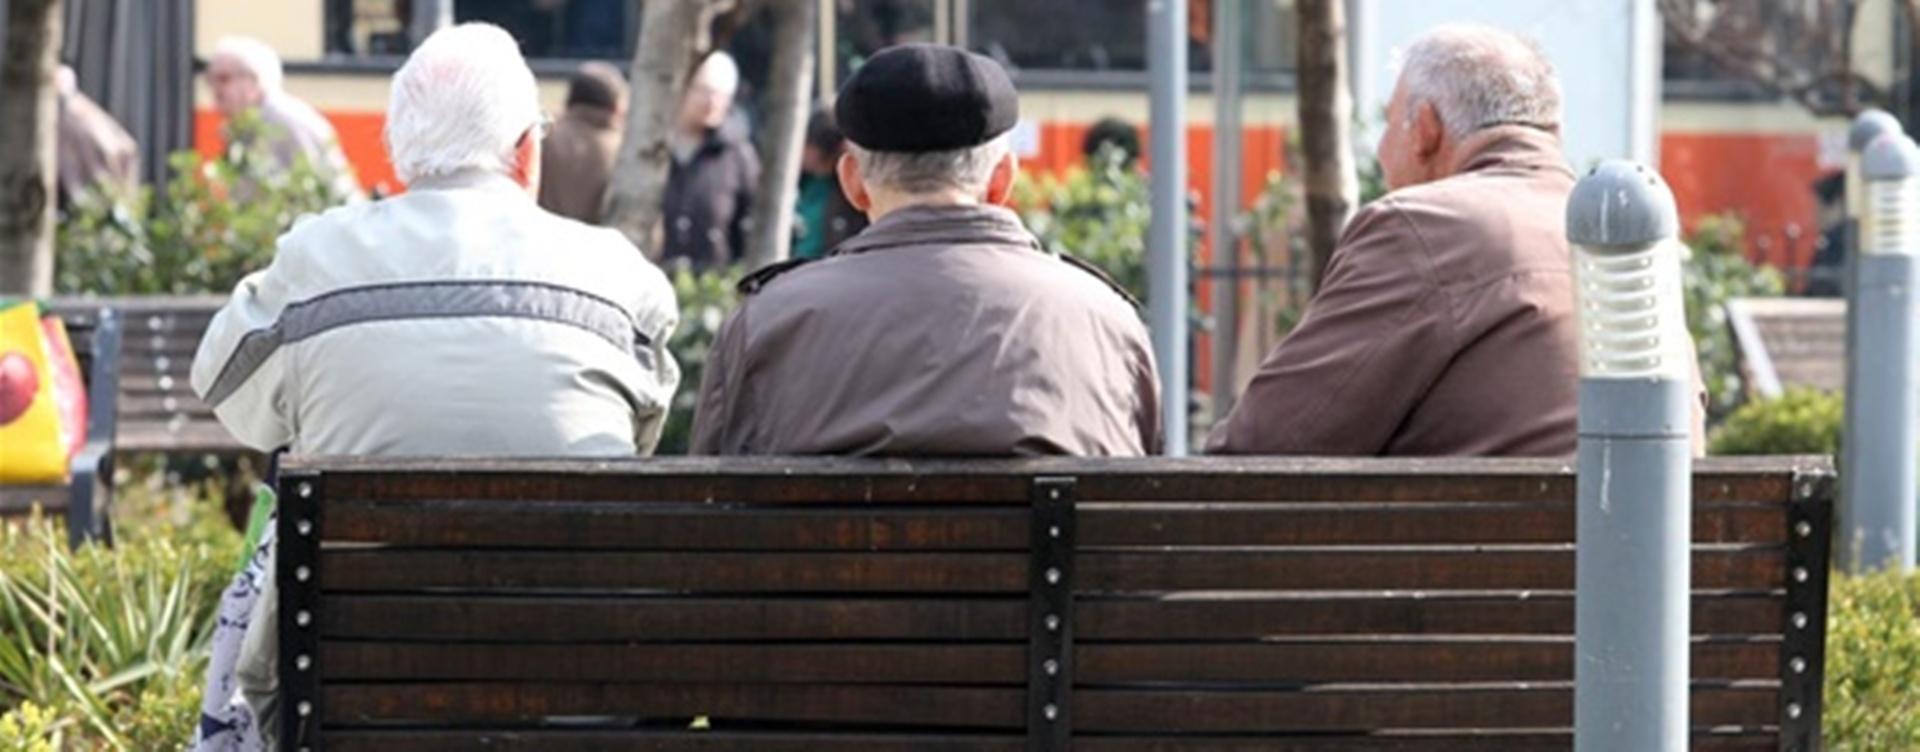 POSTOJI POVEZANOST Depresija može biti prvi indikator rizika pojave demencije